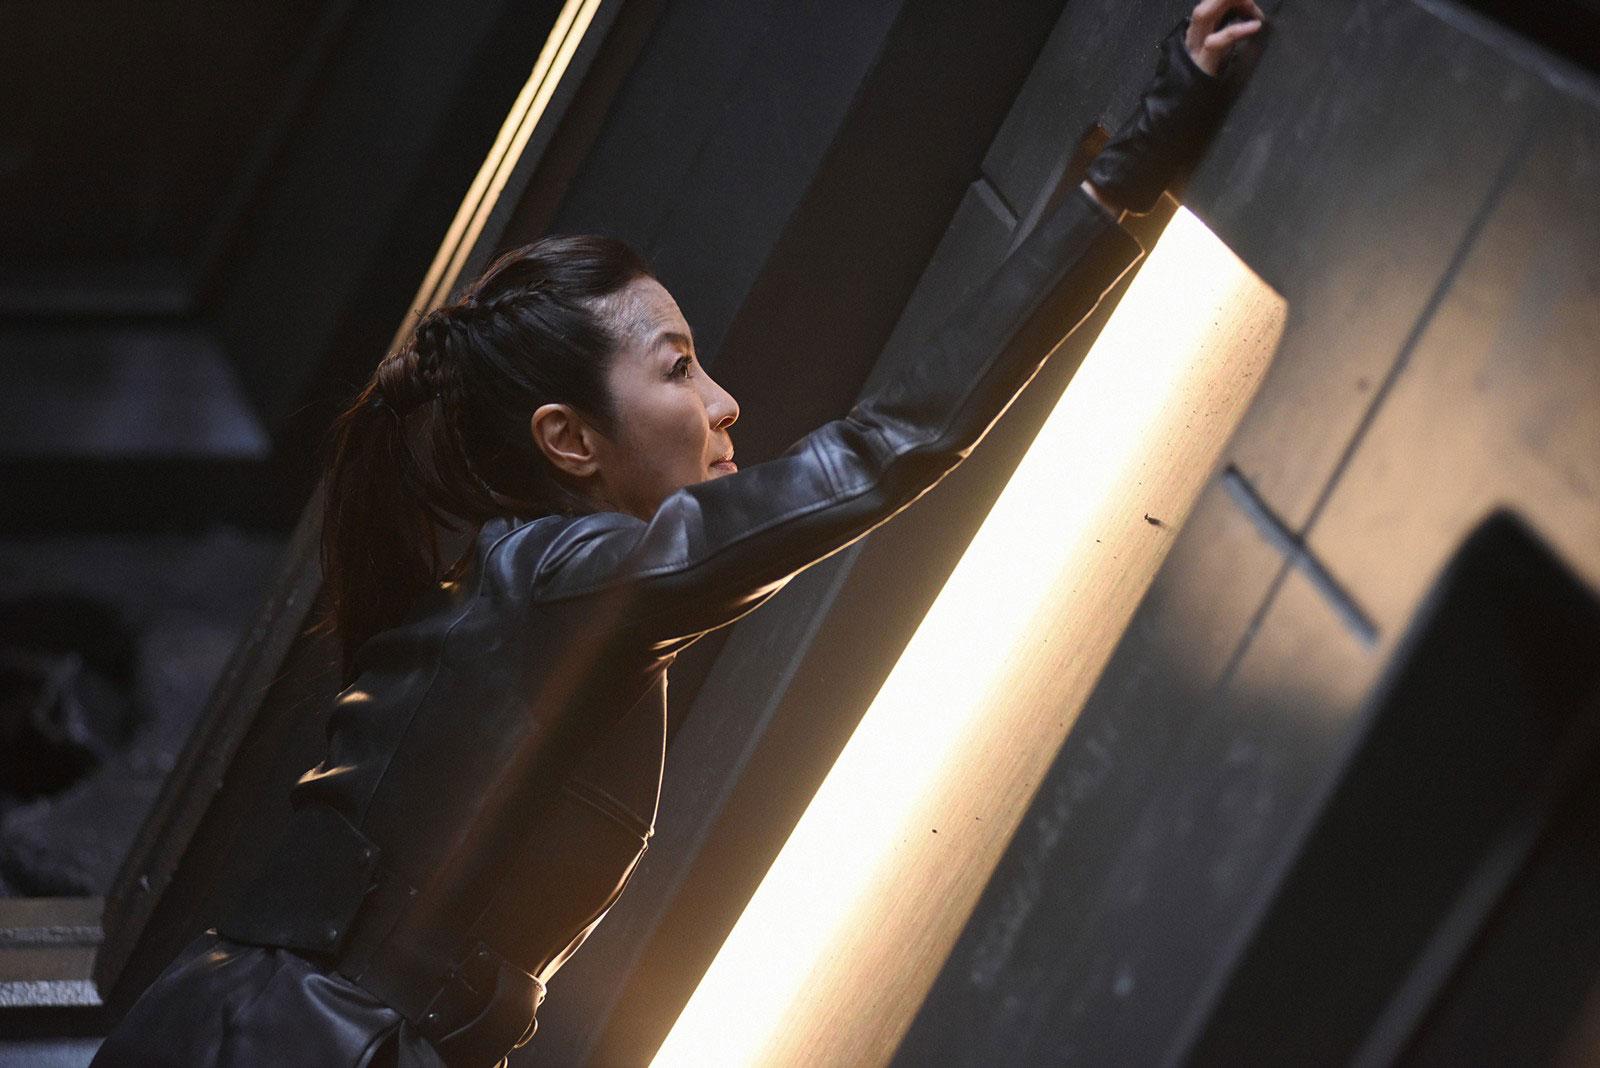 Michelle Yeoh as Philippa Georgiou